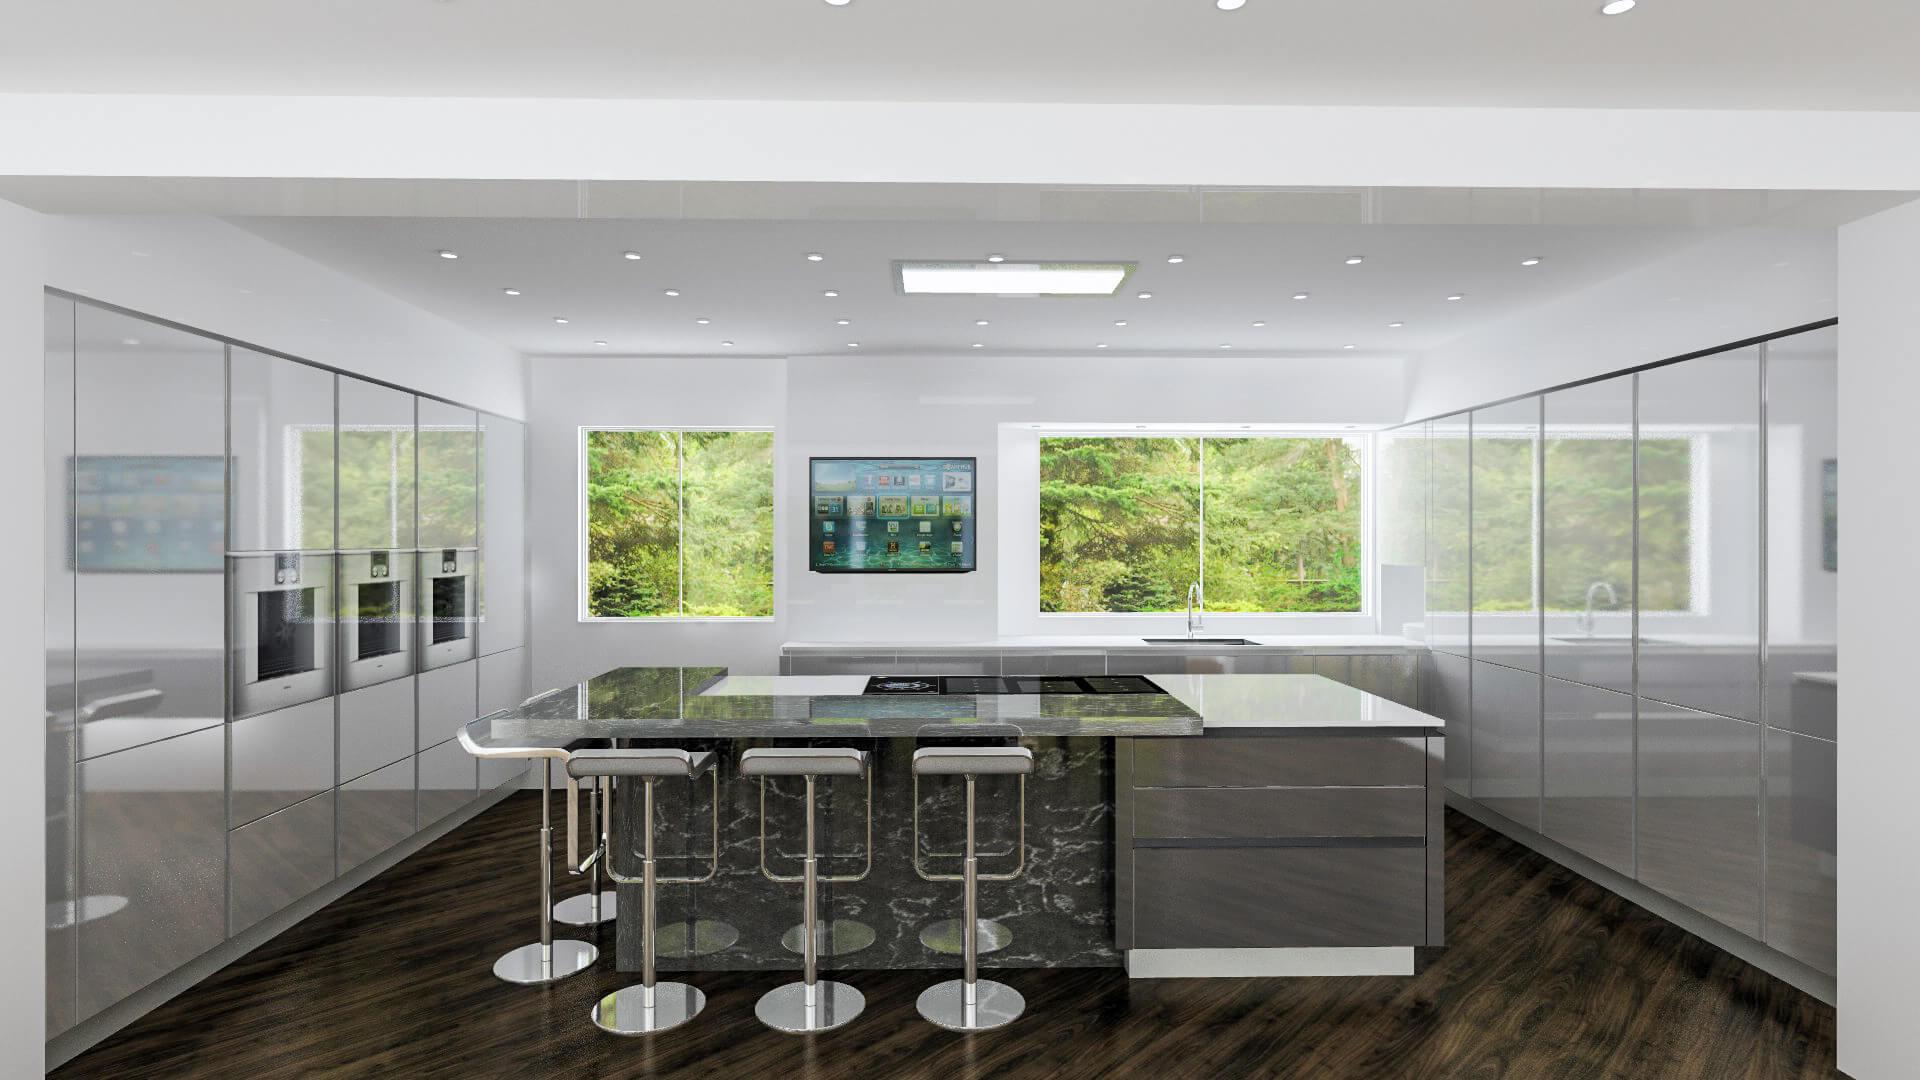 kitchen-render-warendorf-moiety-kitchens.jpg